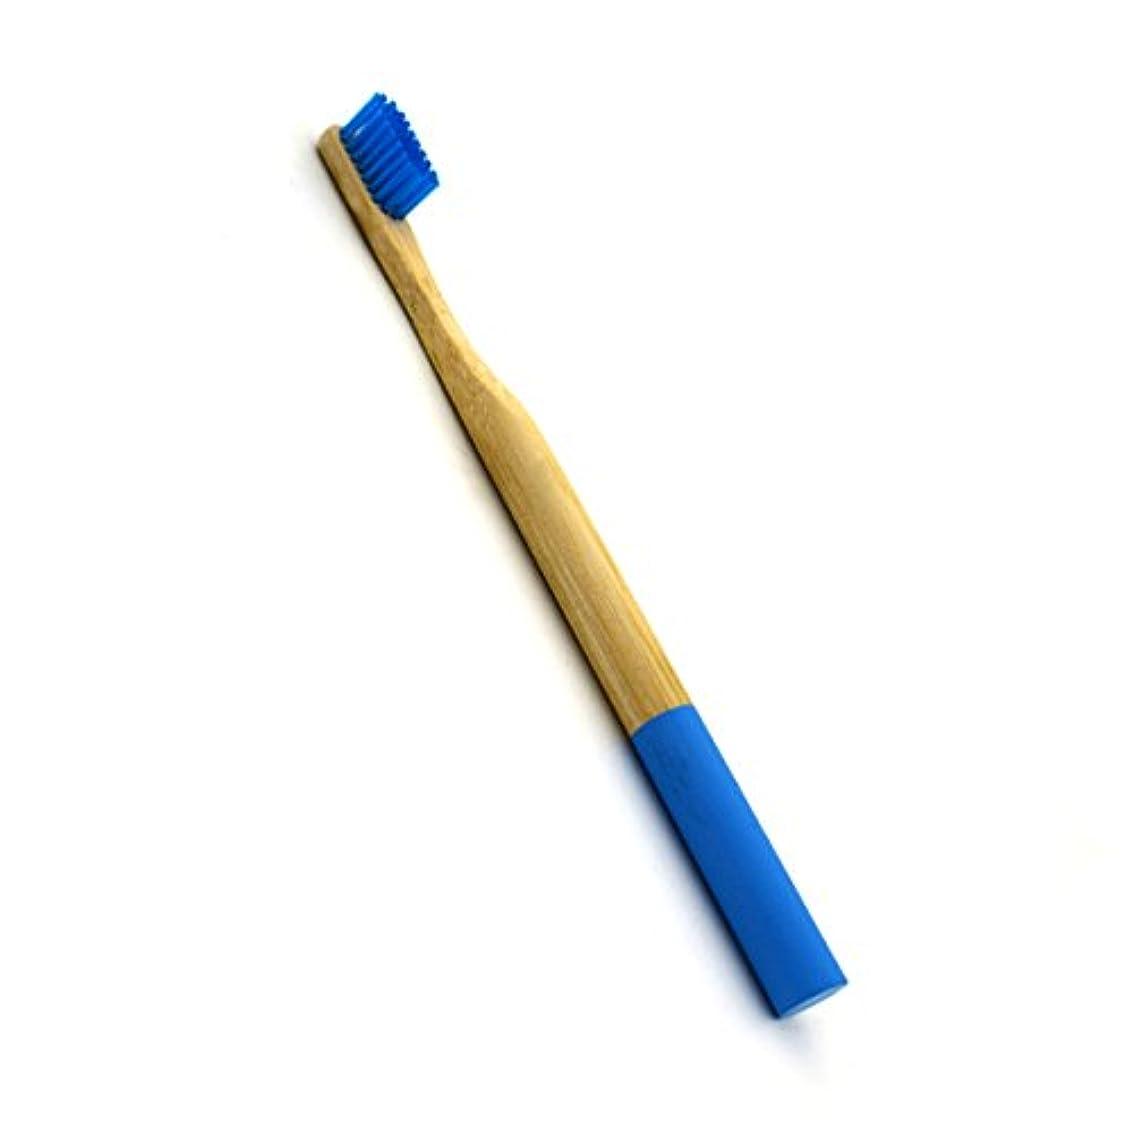 傾向がある広々ふつうROSENICE 竹歯ブラシラウンドハンドル自然な竹成人環境にやさしいソフトブリストル旅行歯ブラシ